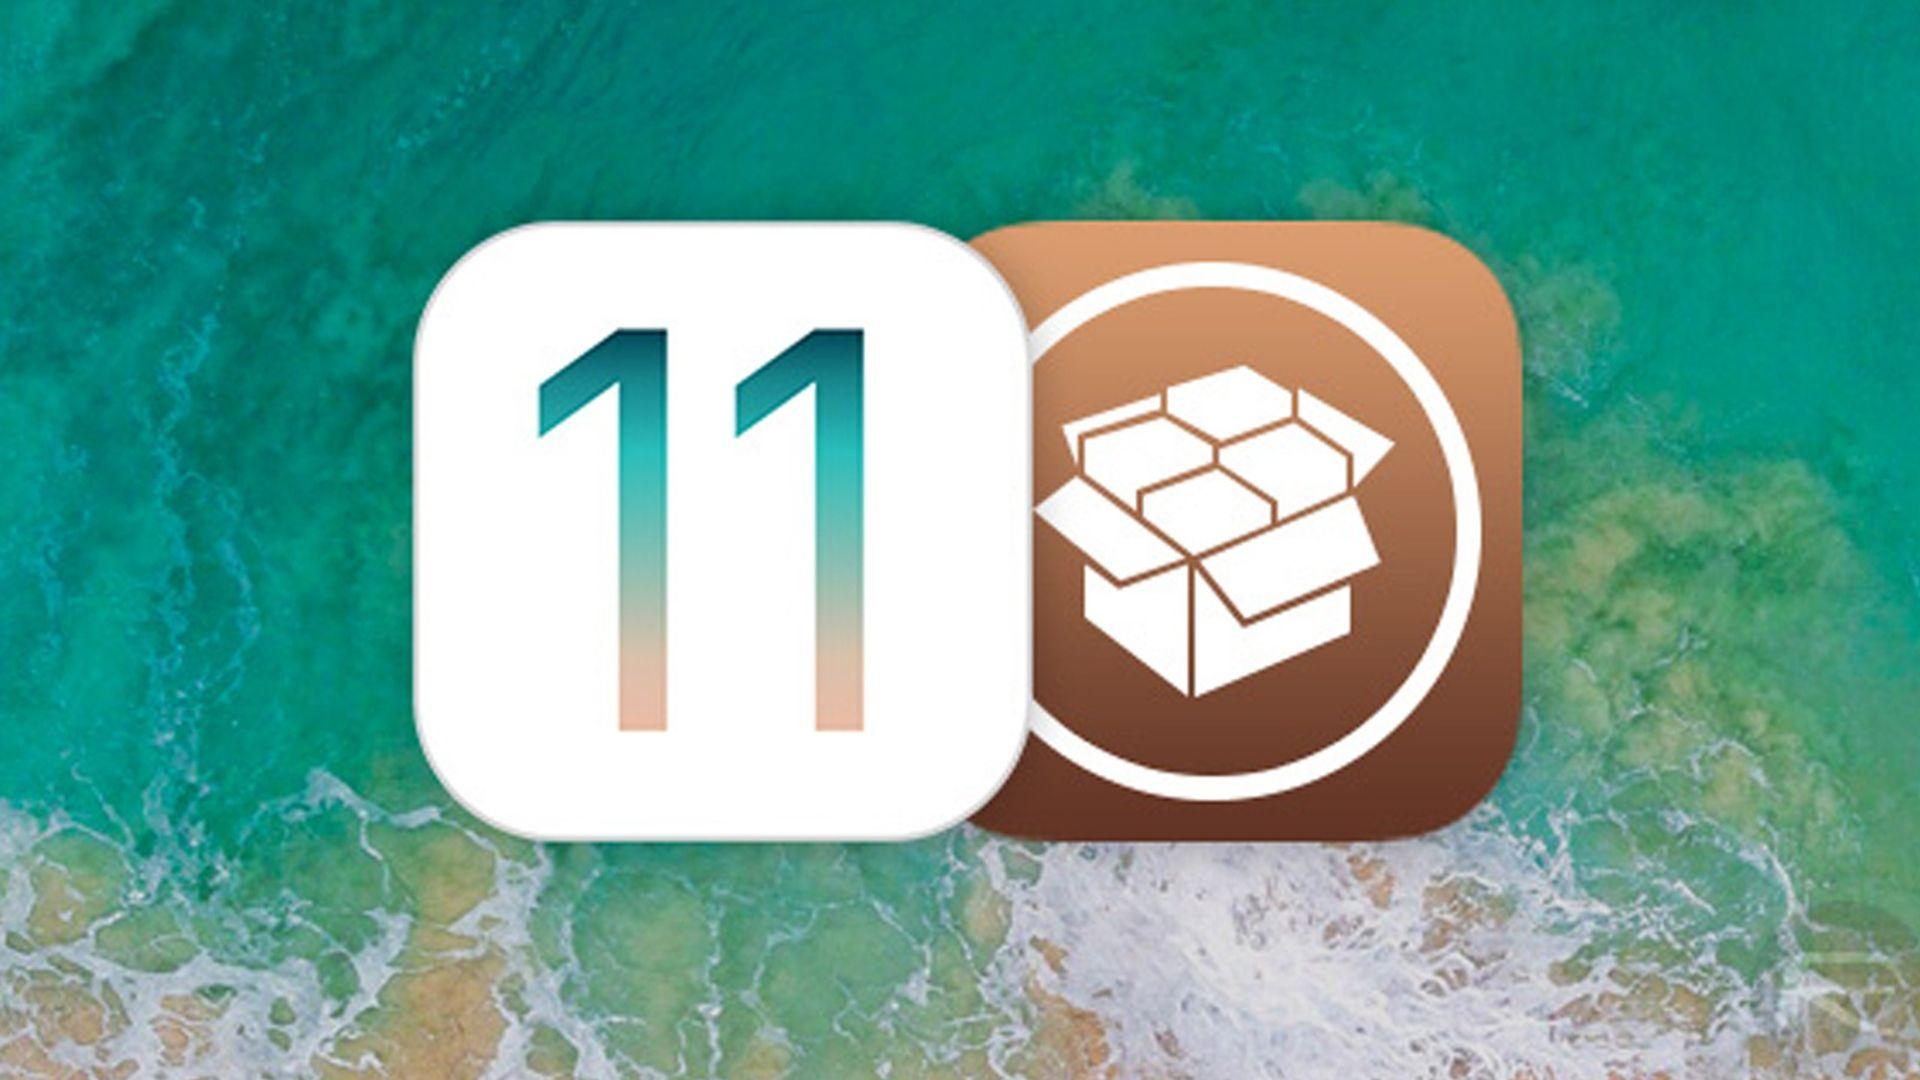 Jak wykonać semi-untethered Jailbreak iOS 11.0-11.1.2 na 64 bitowych urządzeniach?